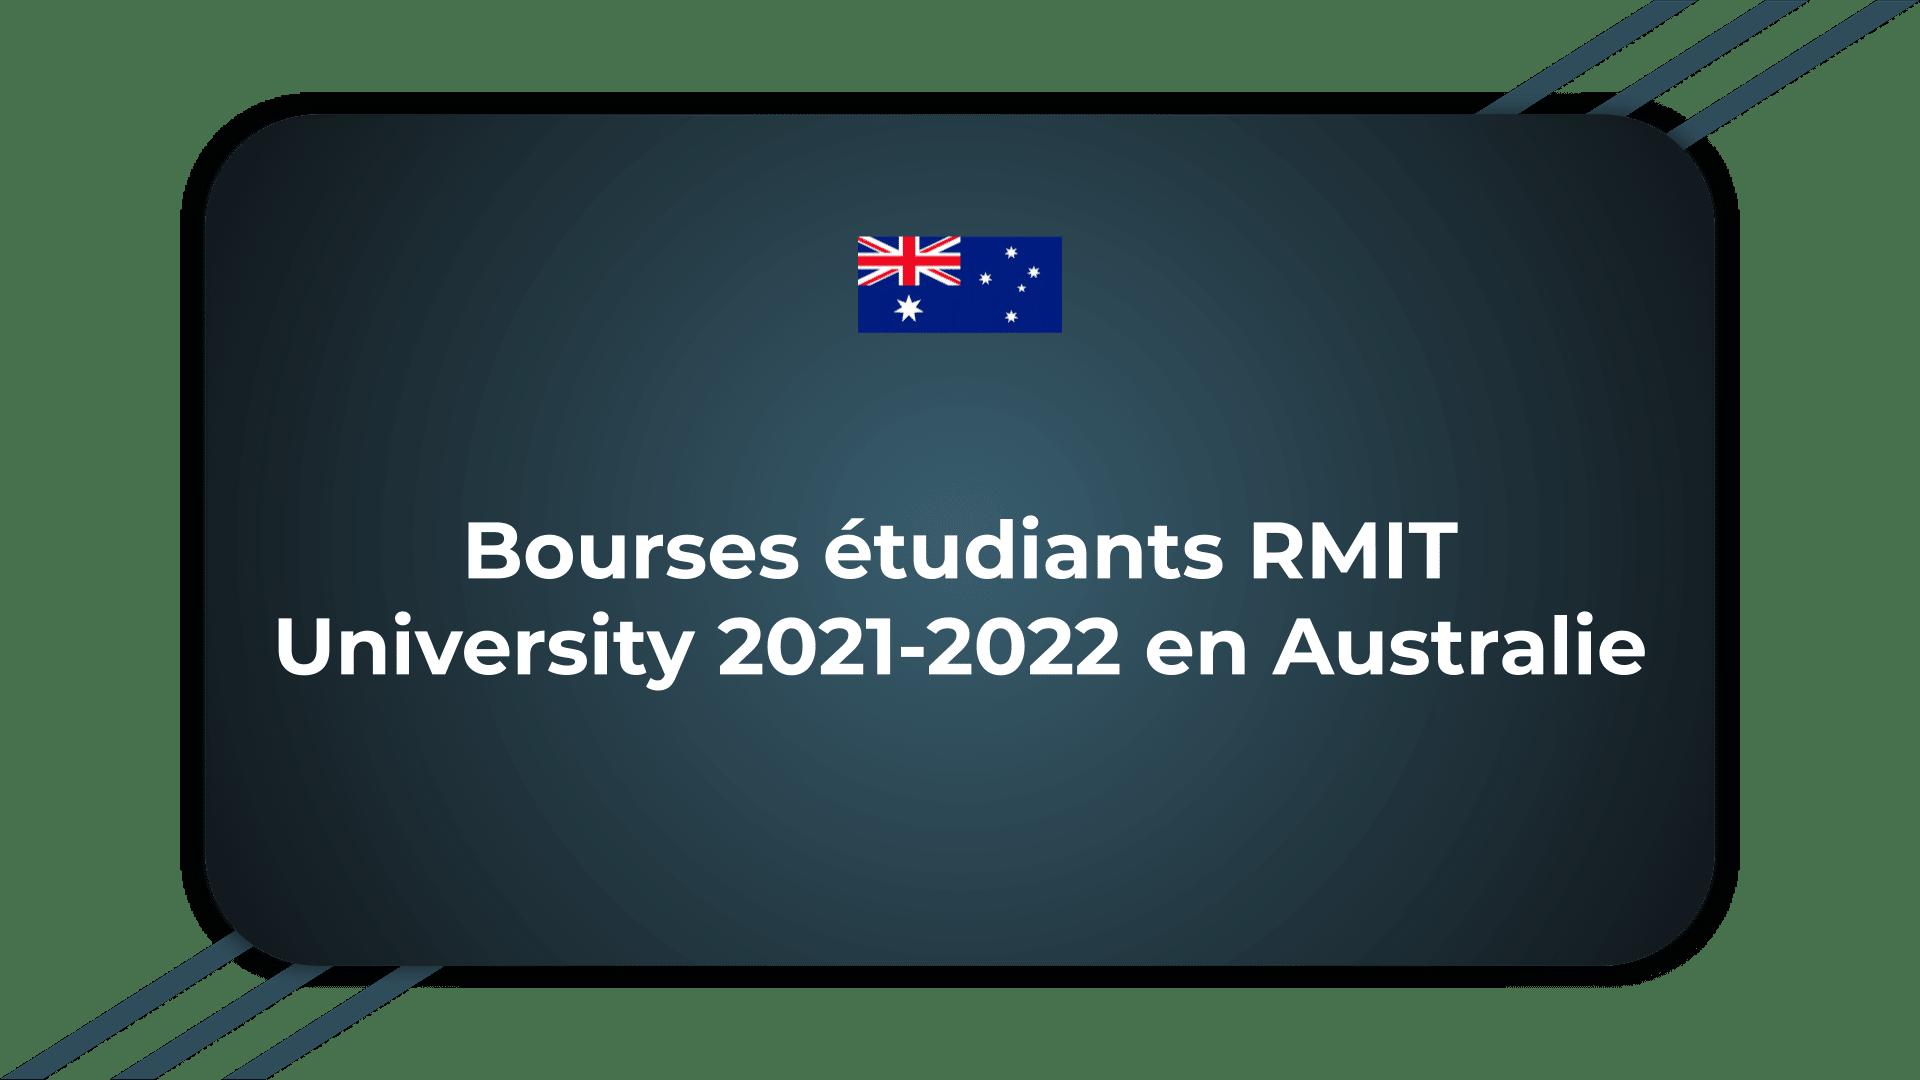 Bourses étudiants RMIT University